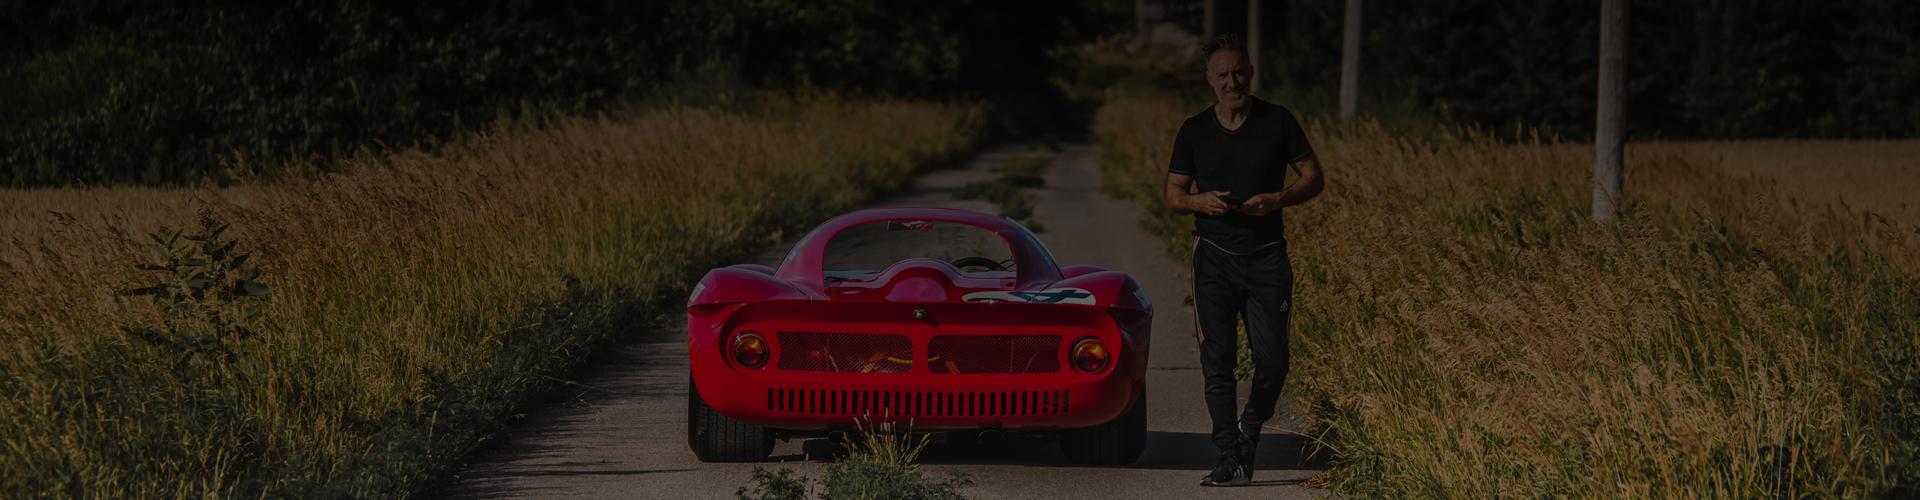 Ferrari Dino & Hassan Moghadam